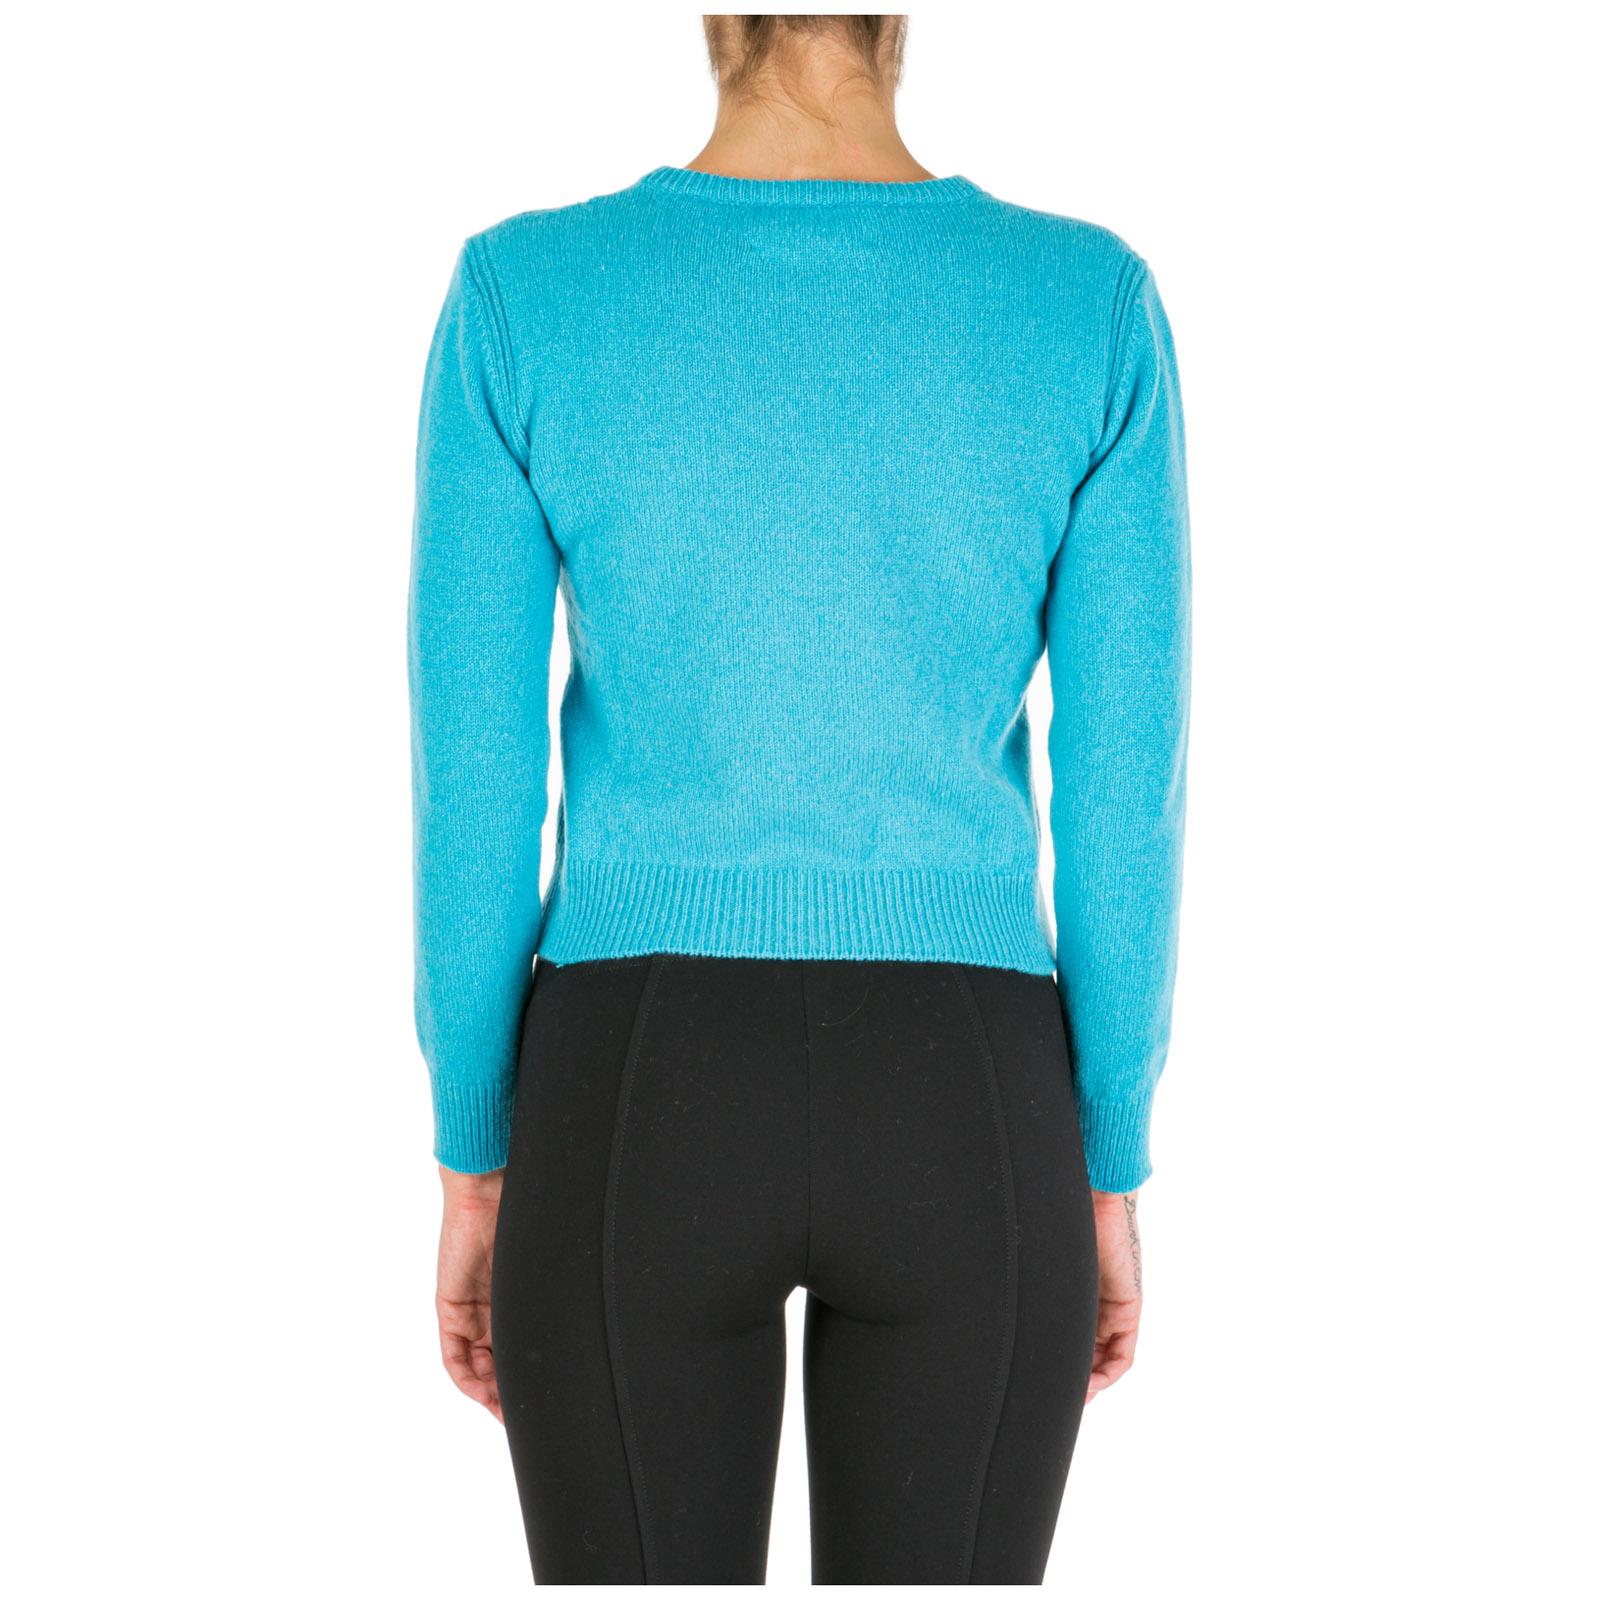 Women's jumper sweater crew neck round rainbow week monday